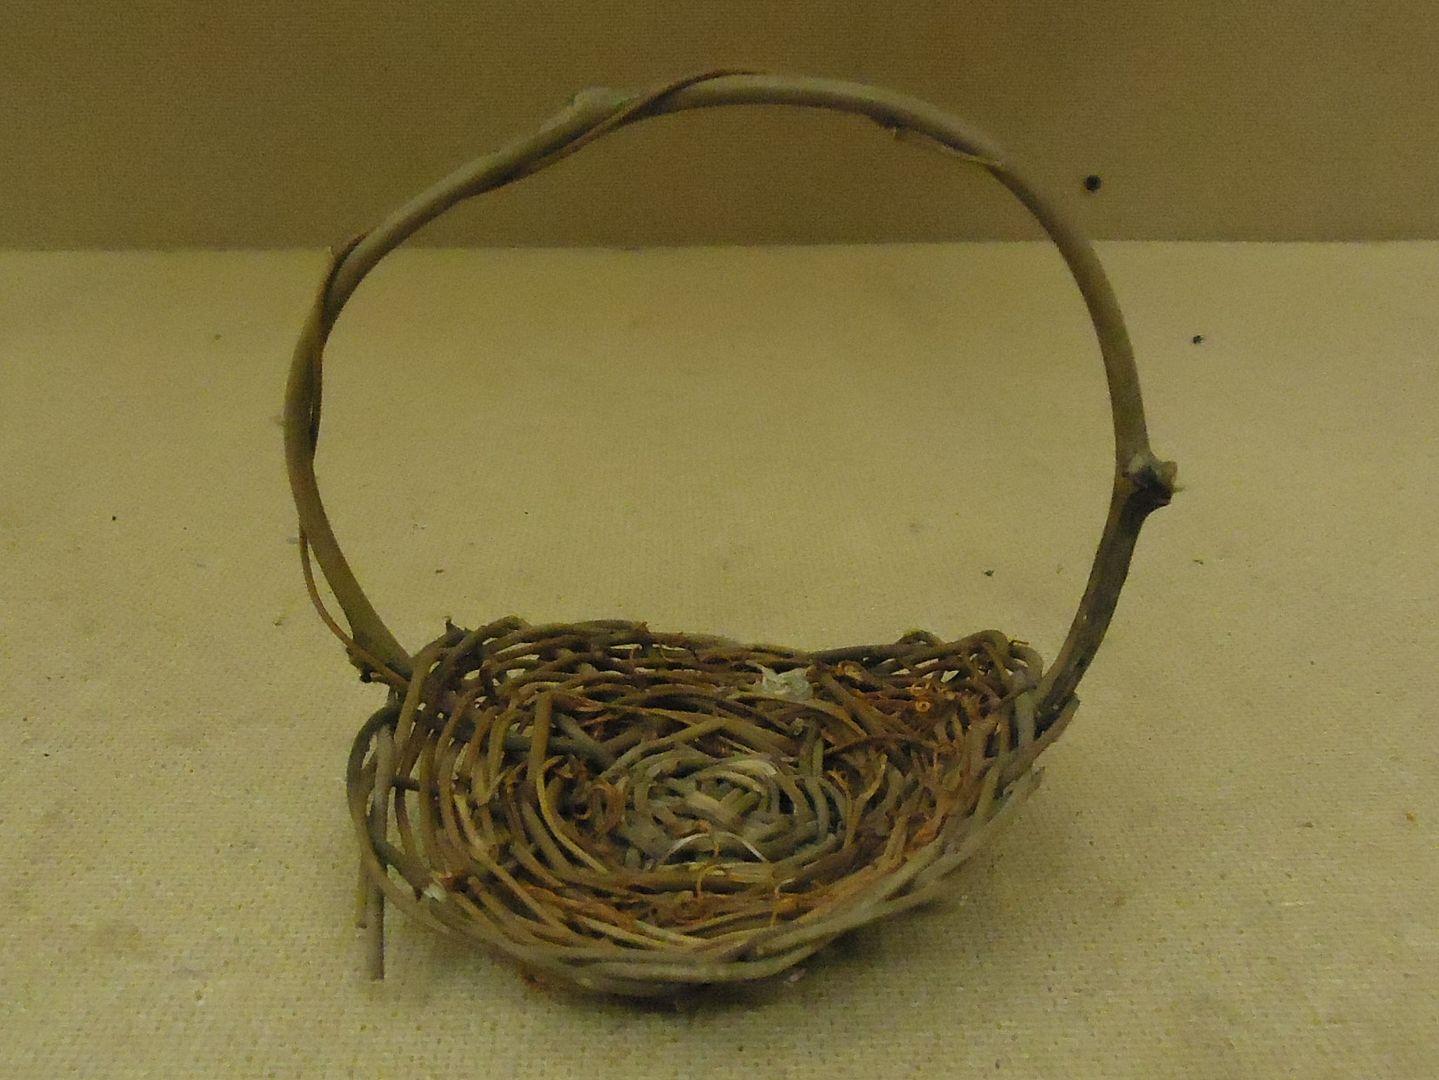 kk9779 010713-902a Handcrafted Mini Basket 6in H x 5in Diameter Woodtone Twig Wicker